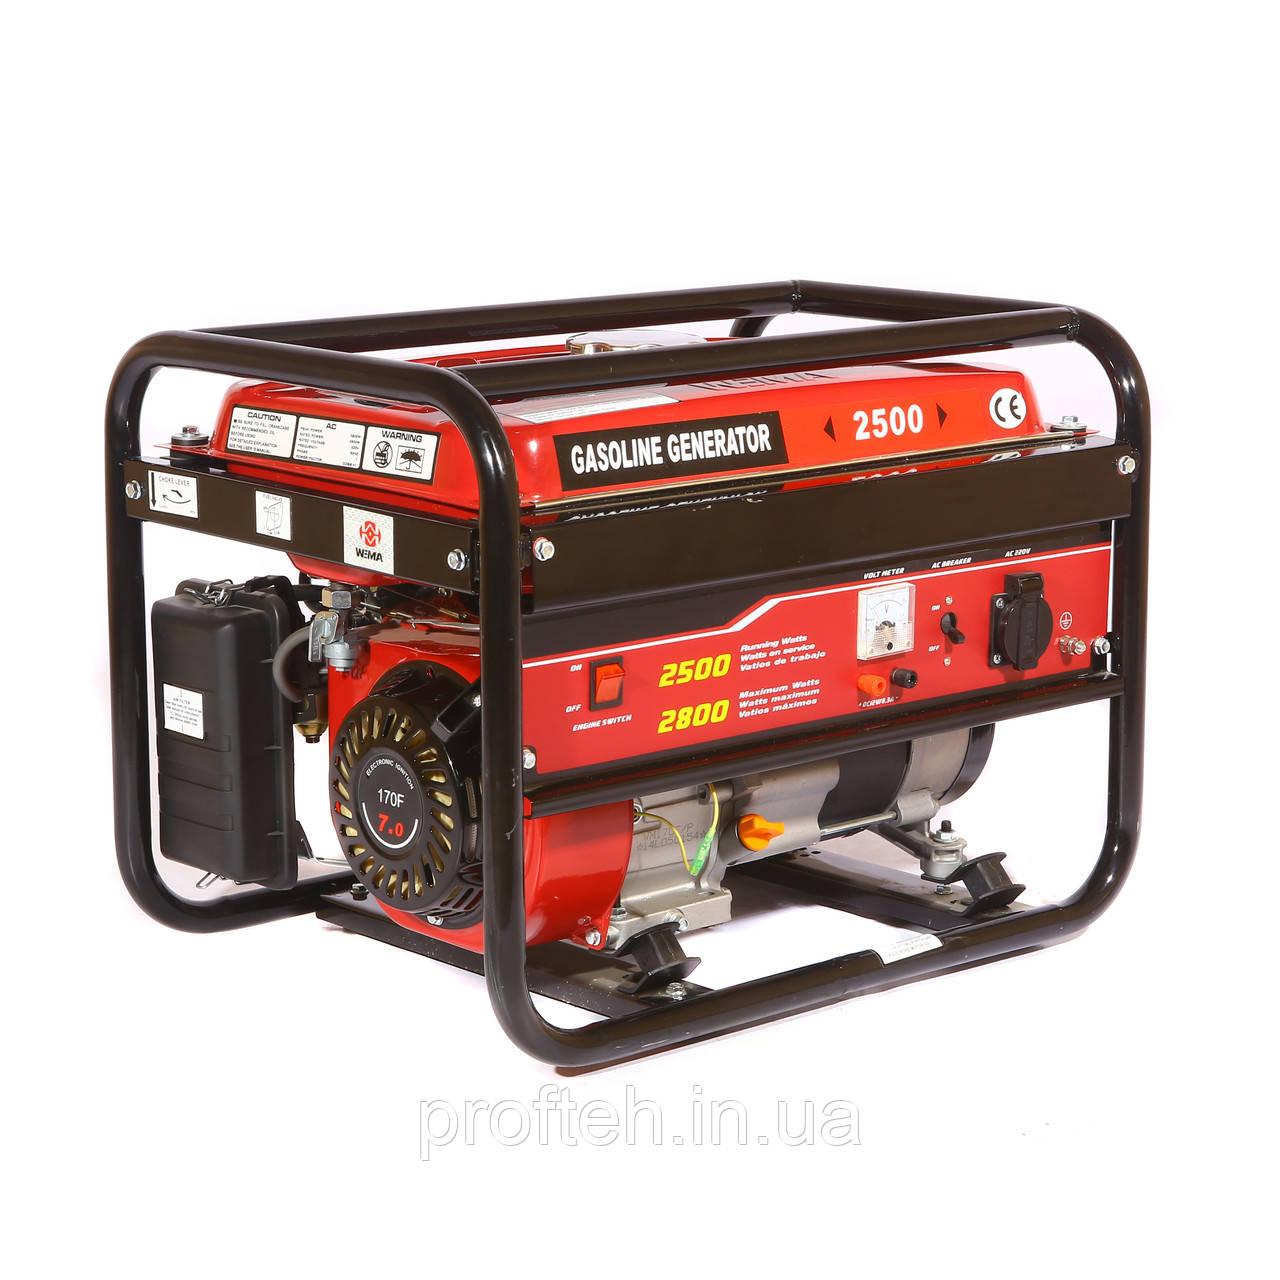 Генератор бензиновый WEIMA WM2500 (2,5 кВт) Бесплатная доставка